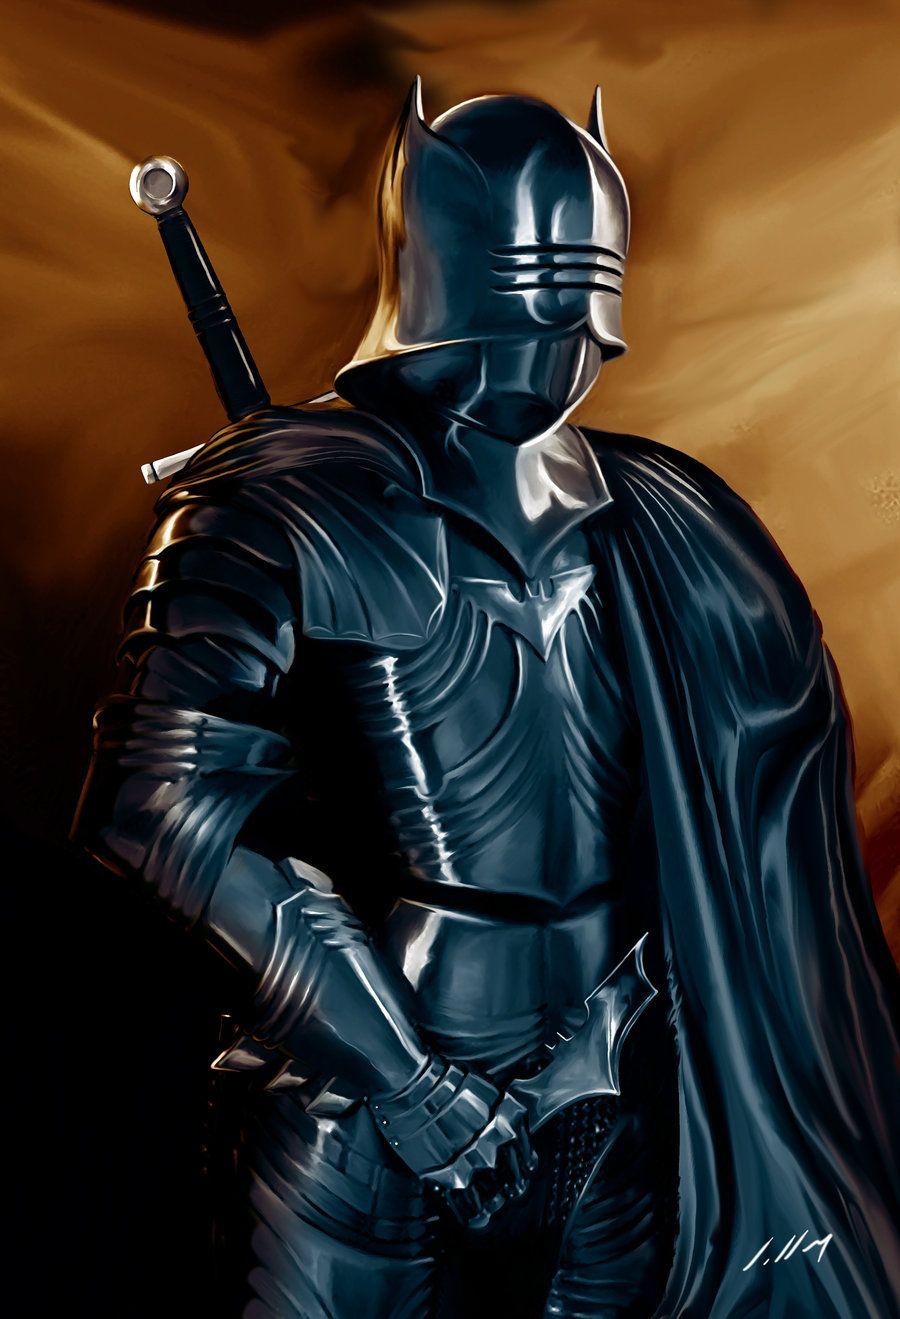 Dark Knight - Dark Knight